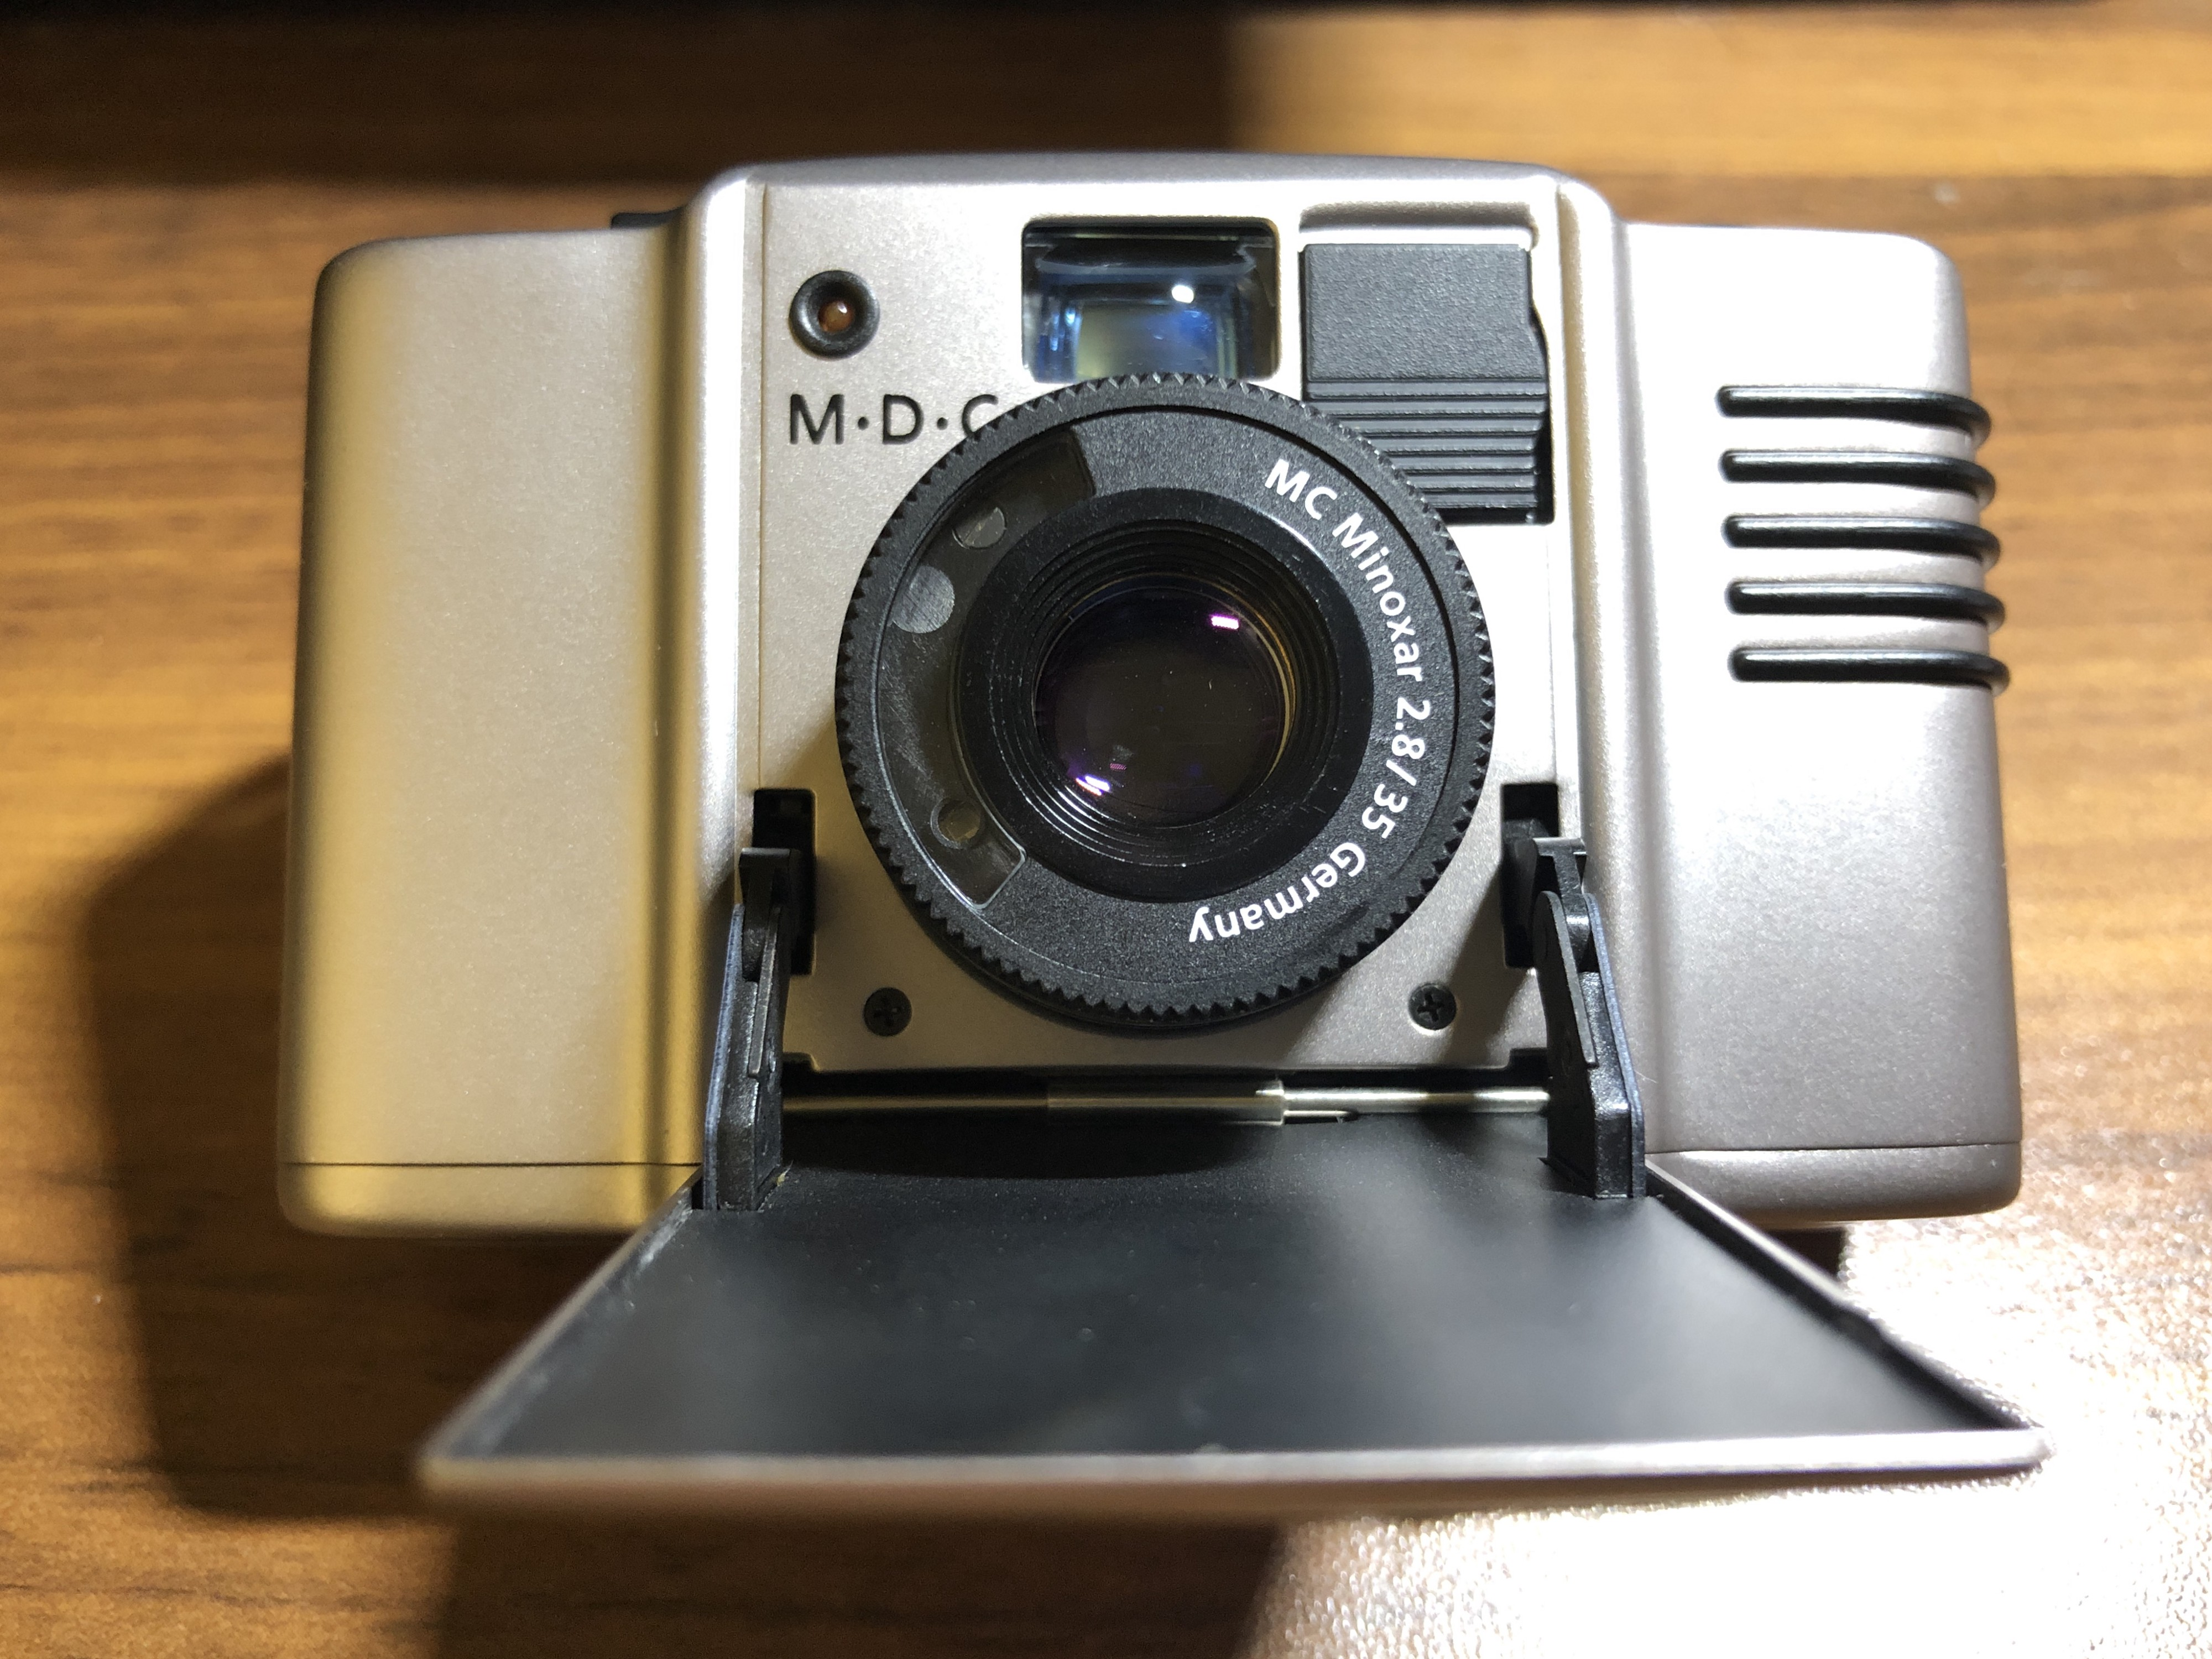 Minox 35 series| Minox M.D.C. 如果你在找小巧精緻。成像不凡 內、外在兼顧的135底片相機 minox… | by Joe Chen | 變成 ...